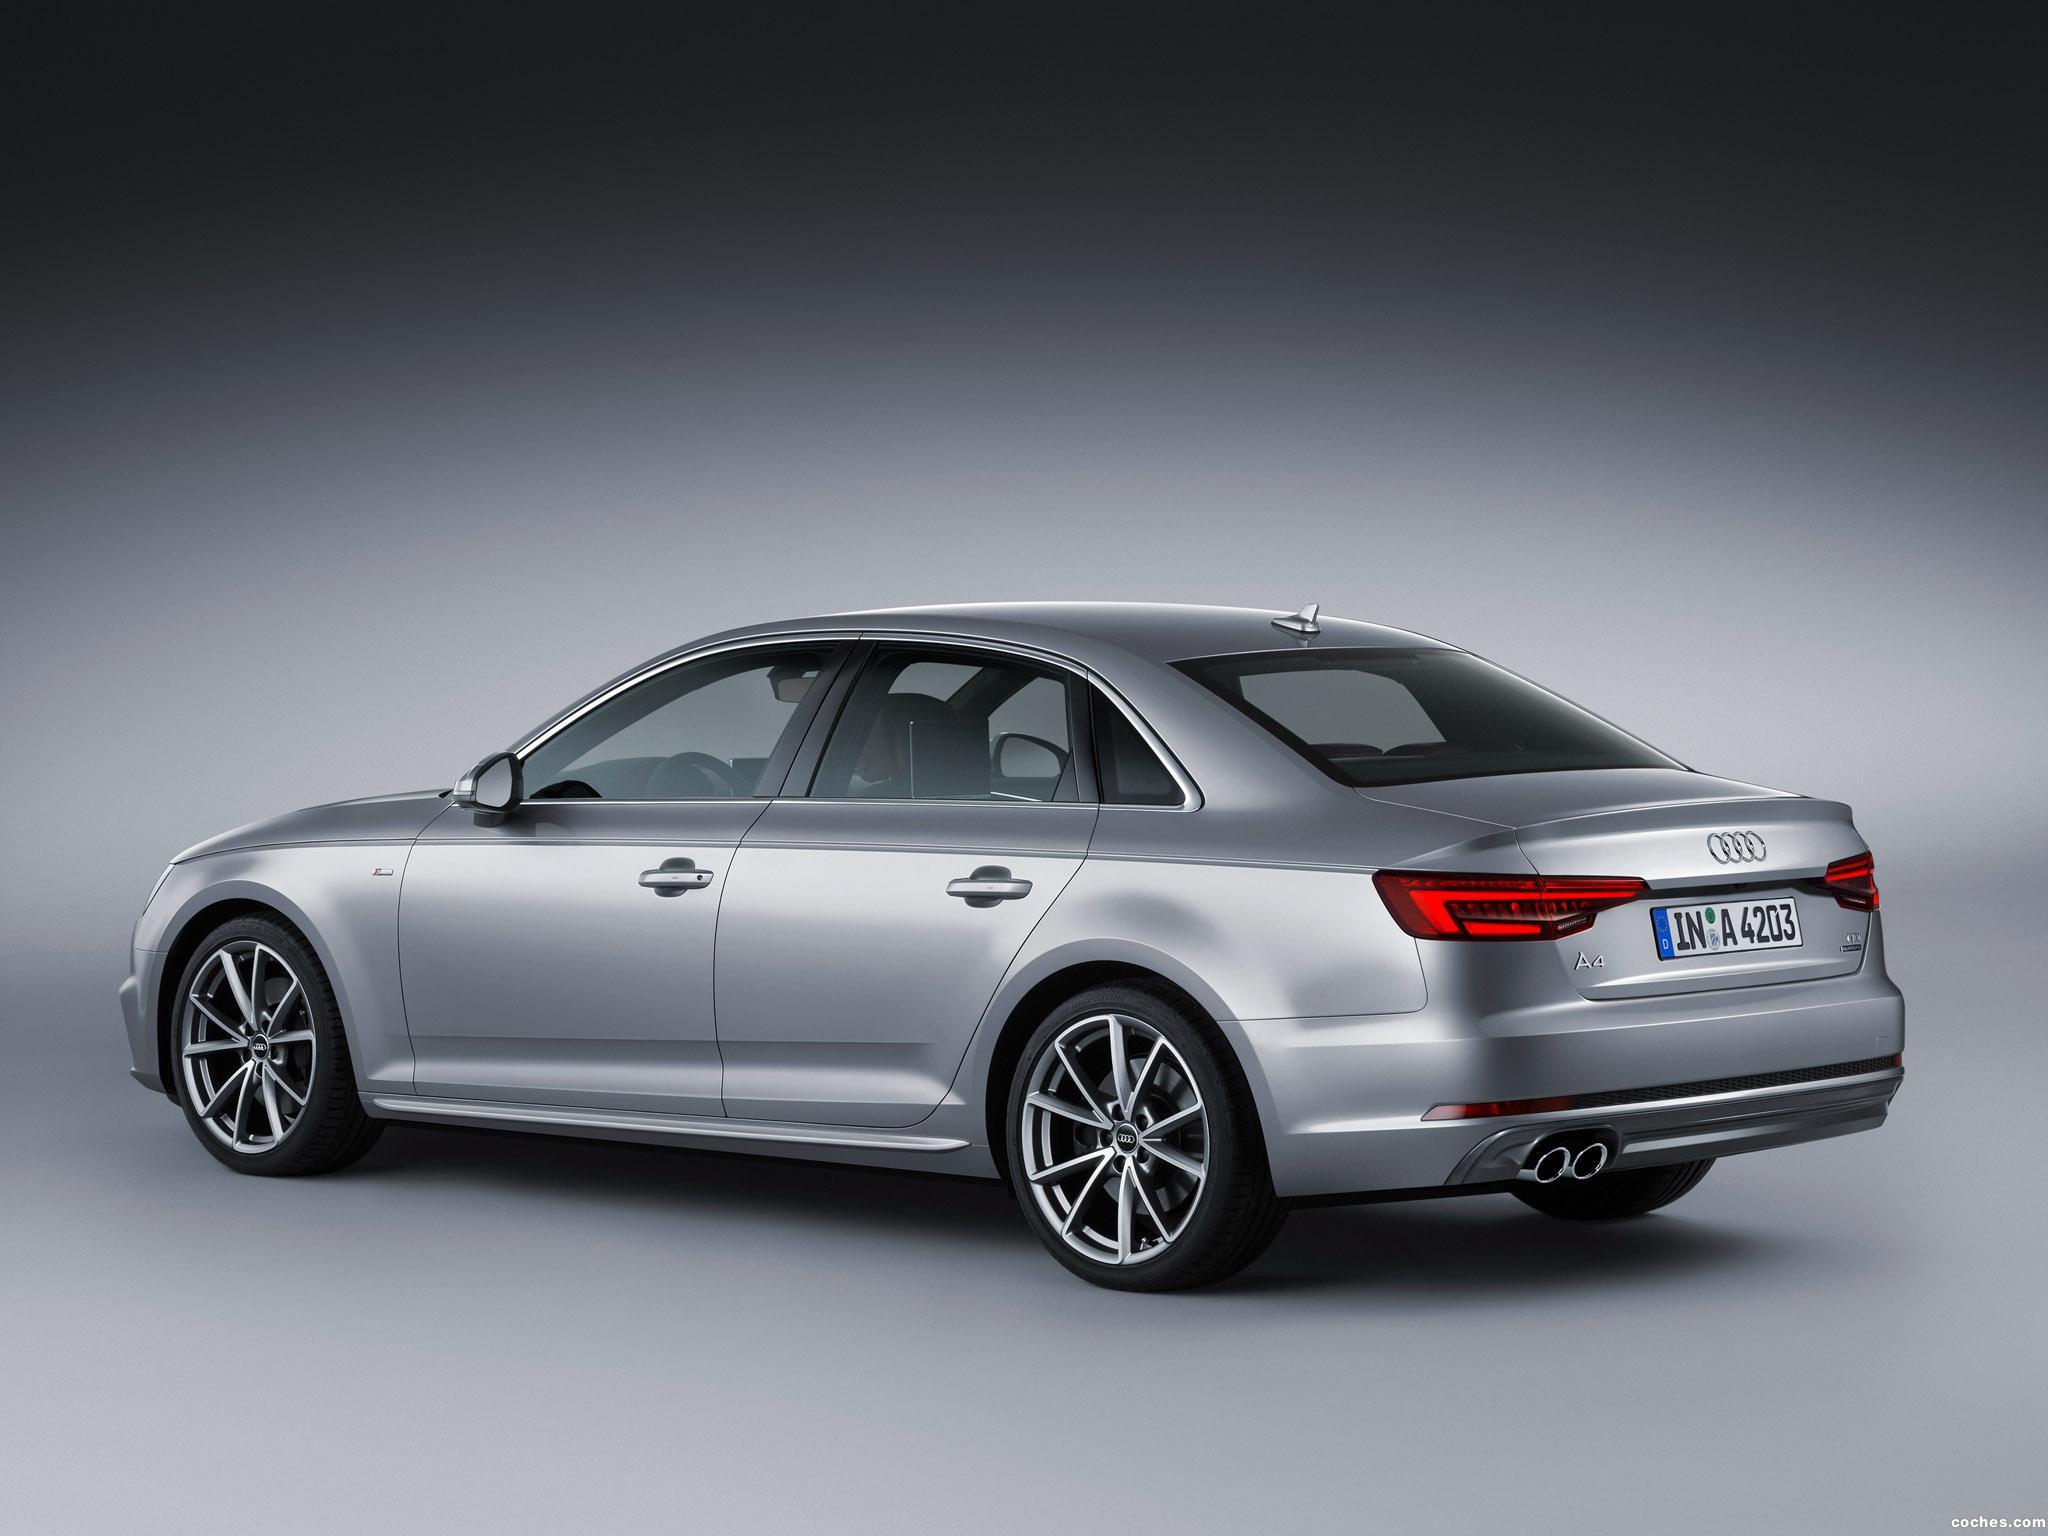 Foto 0 de Audi A4 Avant 3.0 TDI Quattro S Line 2015